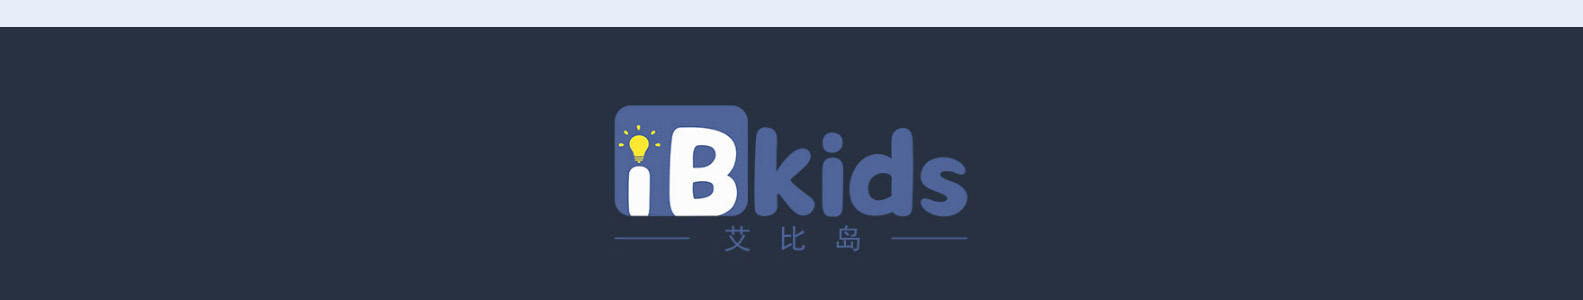 iB kids艾比岛abd_30